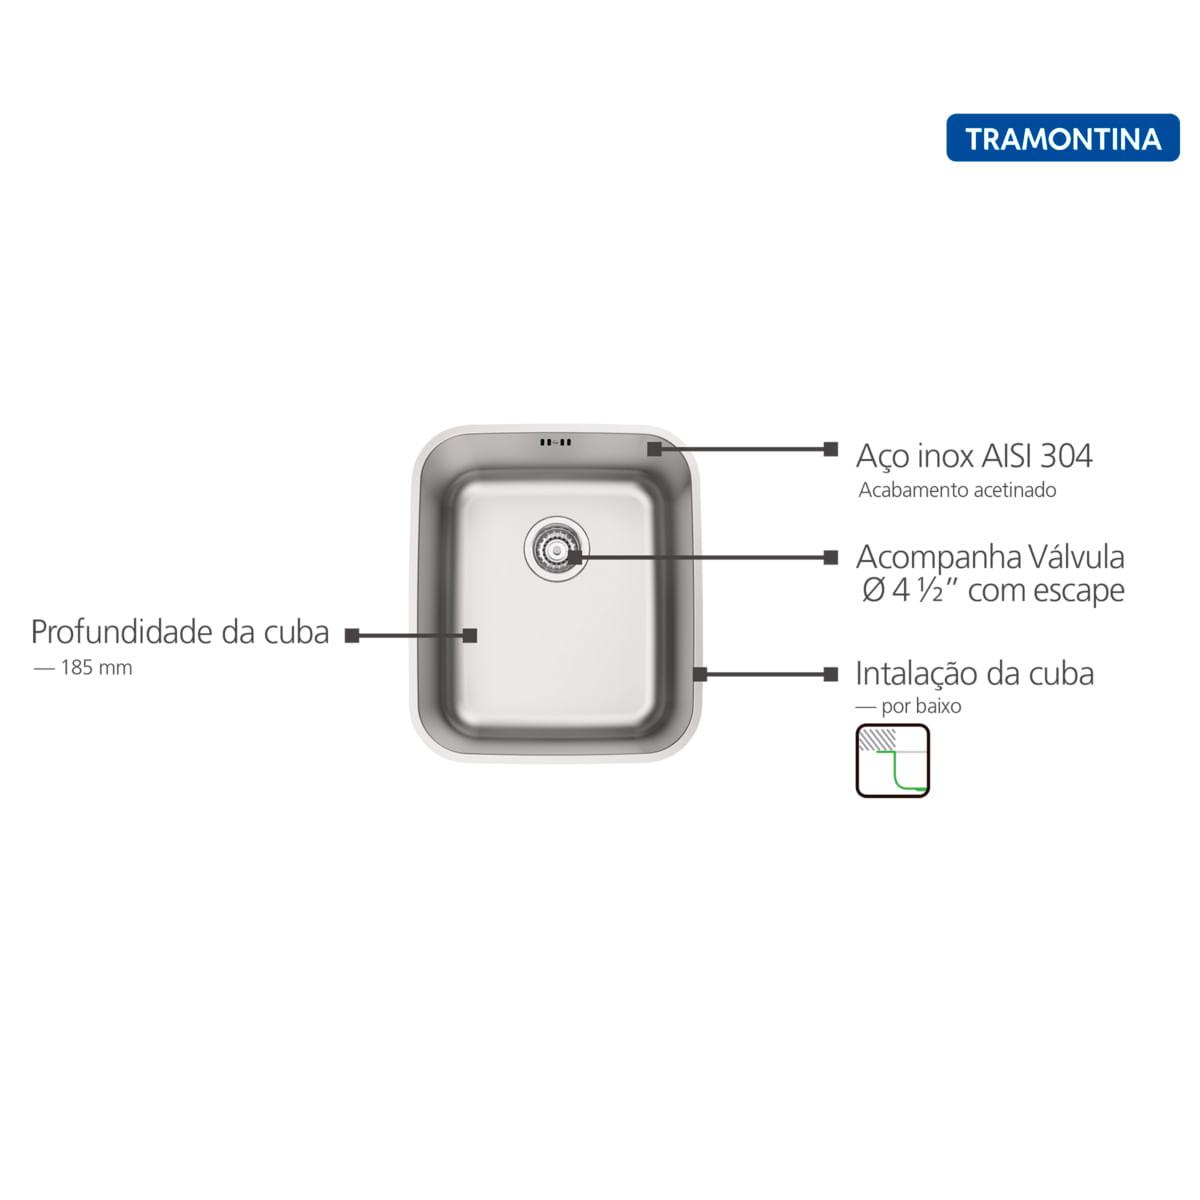 Cuba de Embutir Tramontina 34 x 40 cm Dora 34 BL em Aço Inox Acetinado com Válvula e Escape